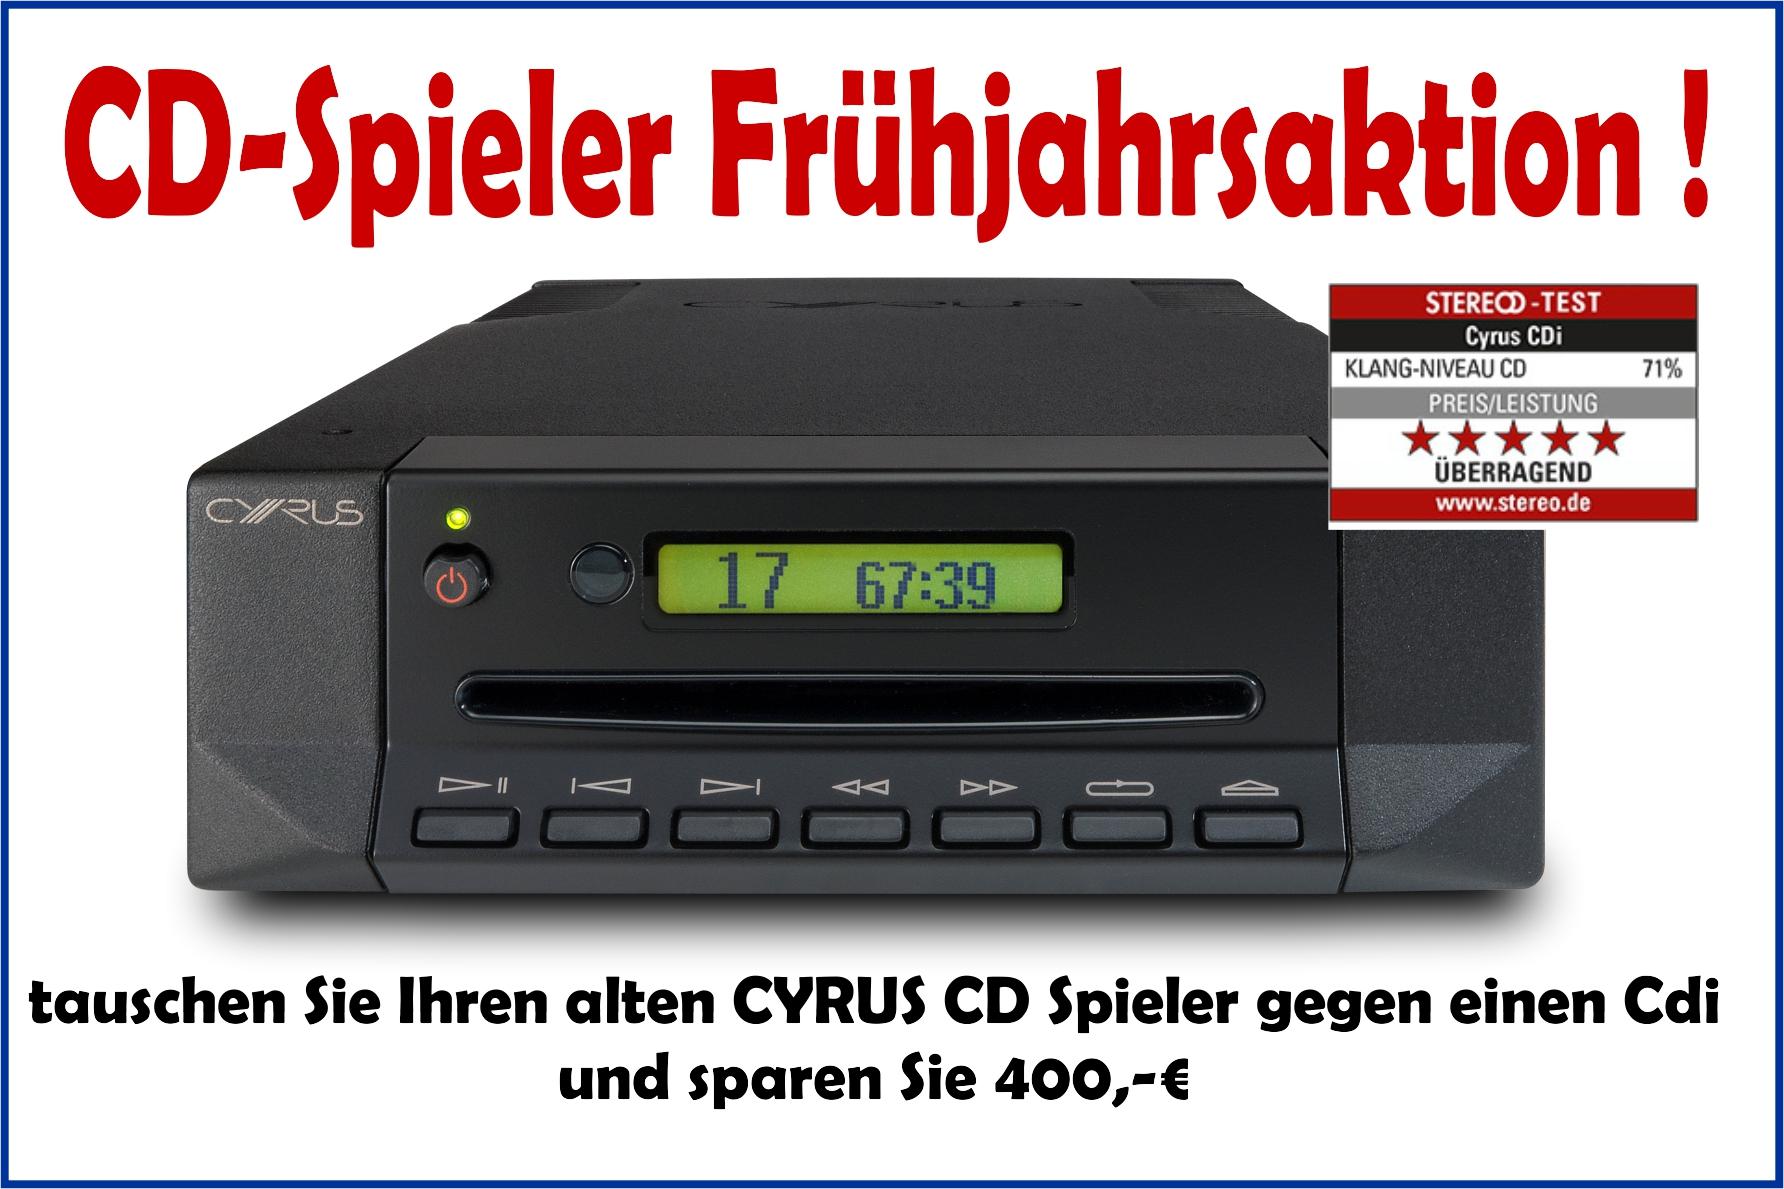 CD Spieler Frühjahrsaktion von CYRUS